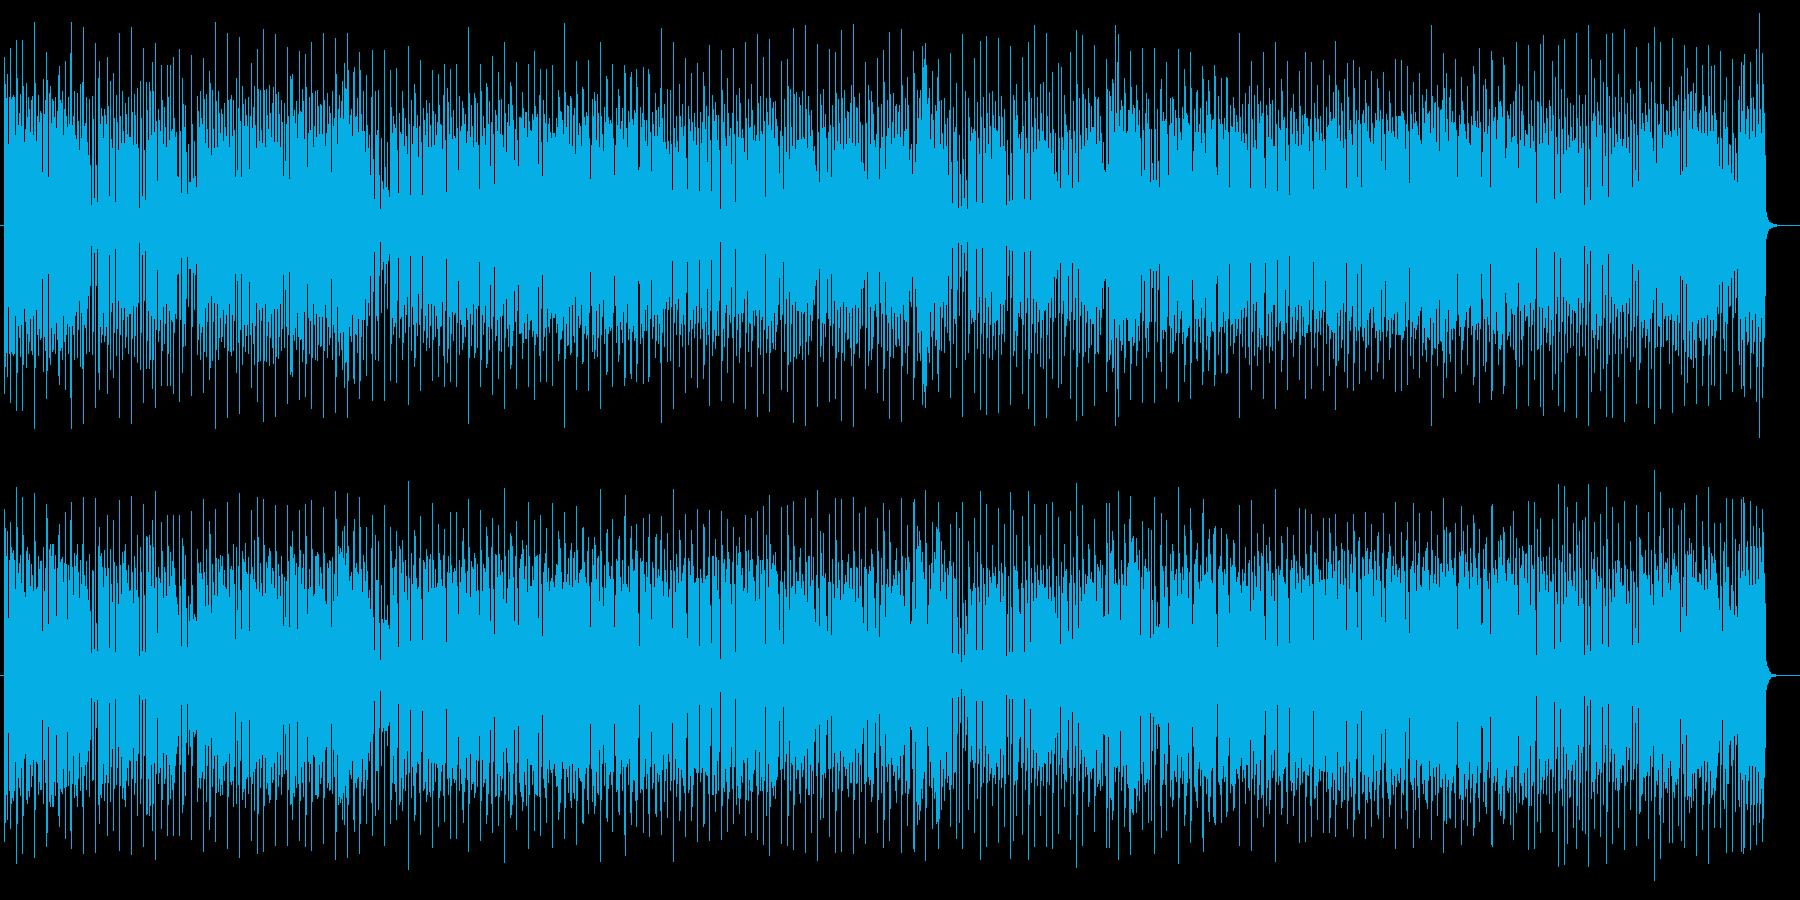 ミディアムテンポのレゲエポップスの再生済みの波形